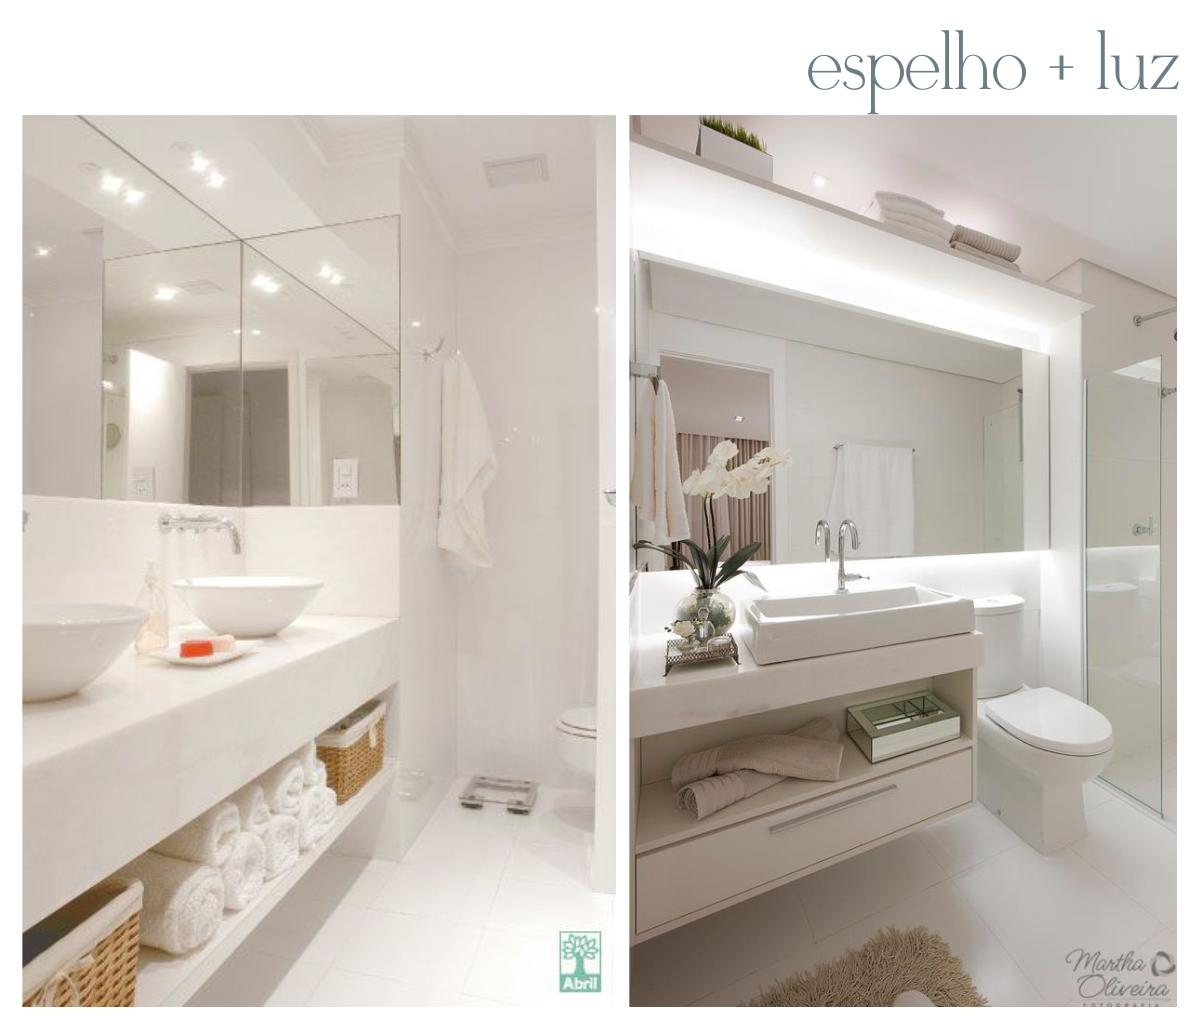 Pin Espelhos Para Banheiro Fotos E Modelos Sempre Tops Tattoo Design  #975734 1200 1030